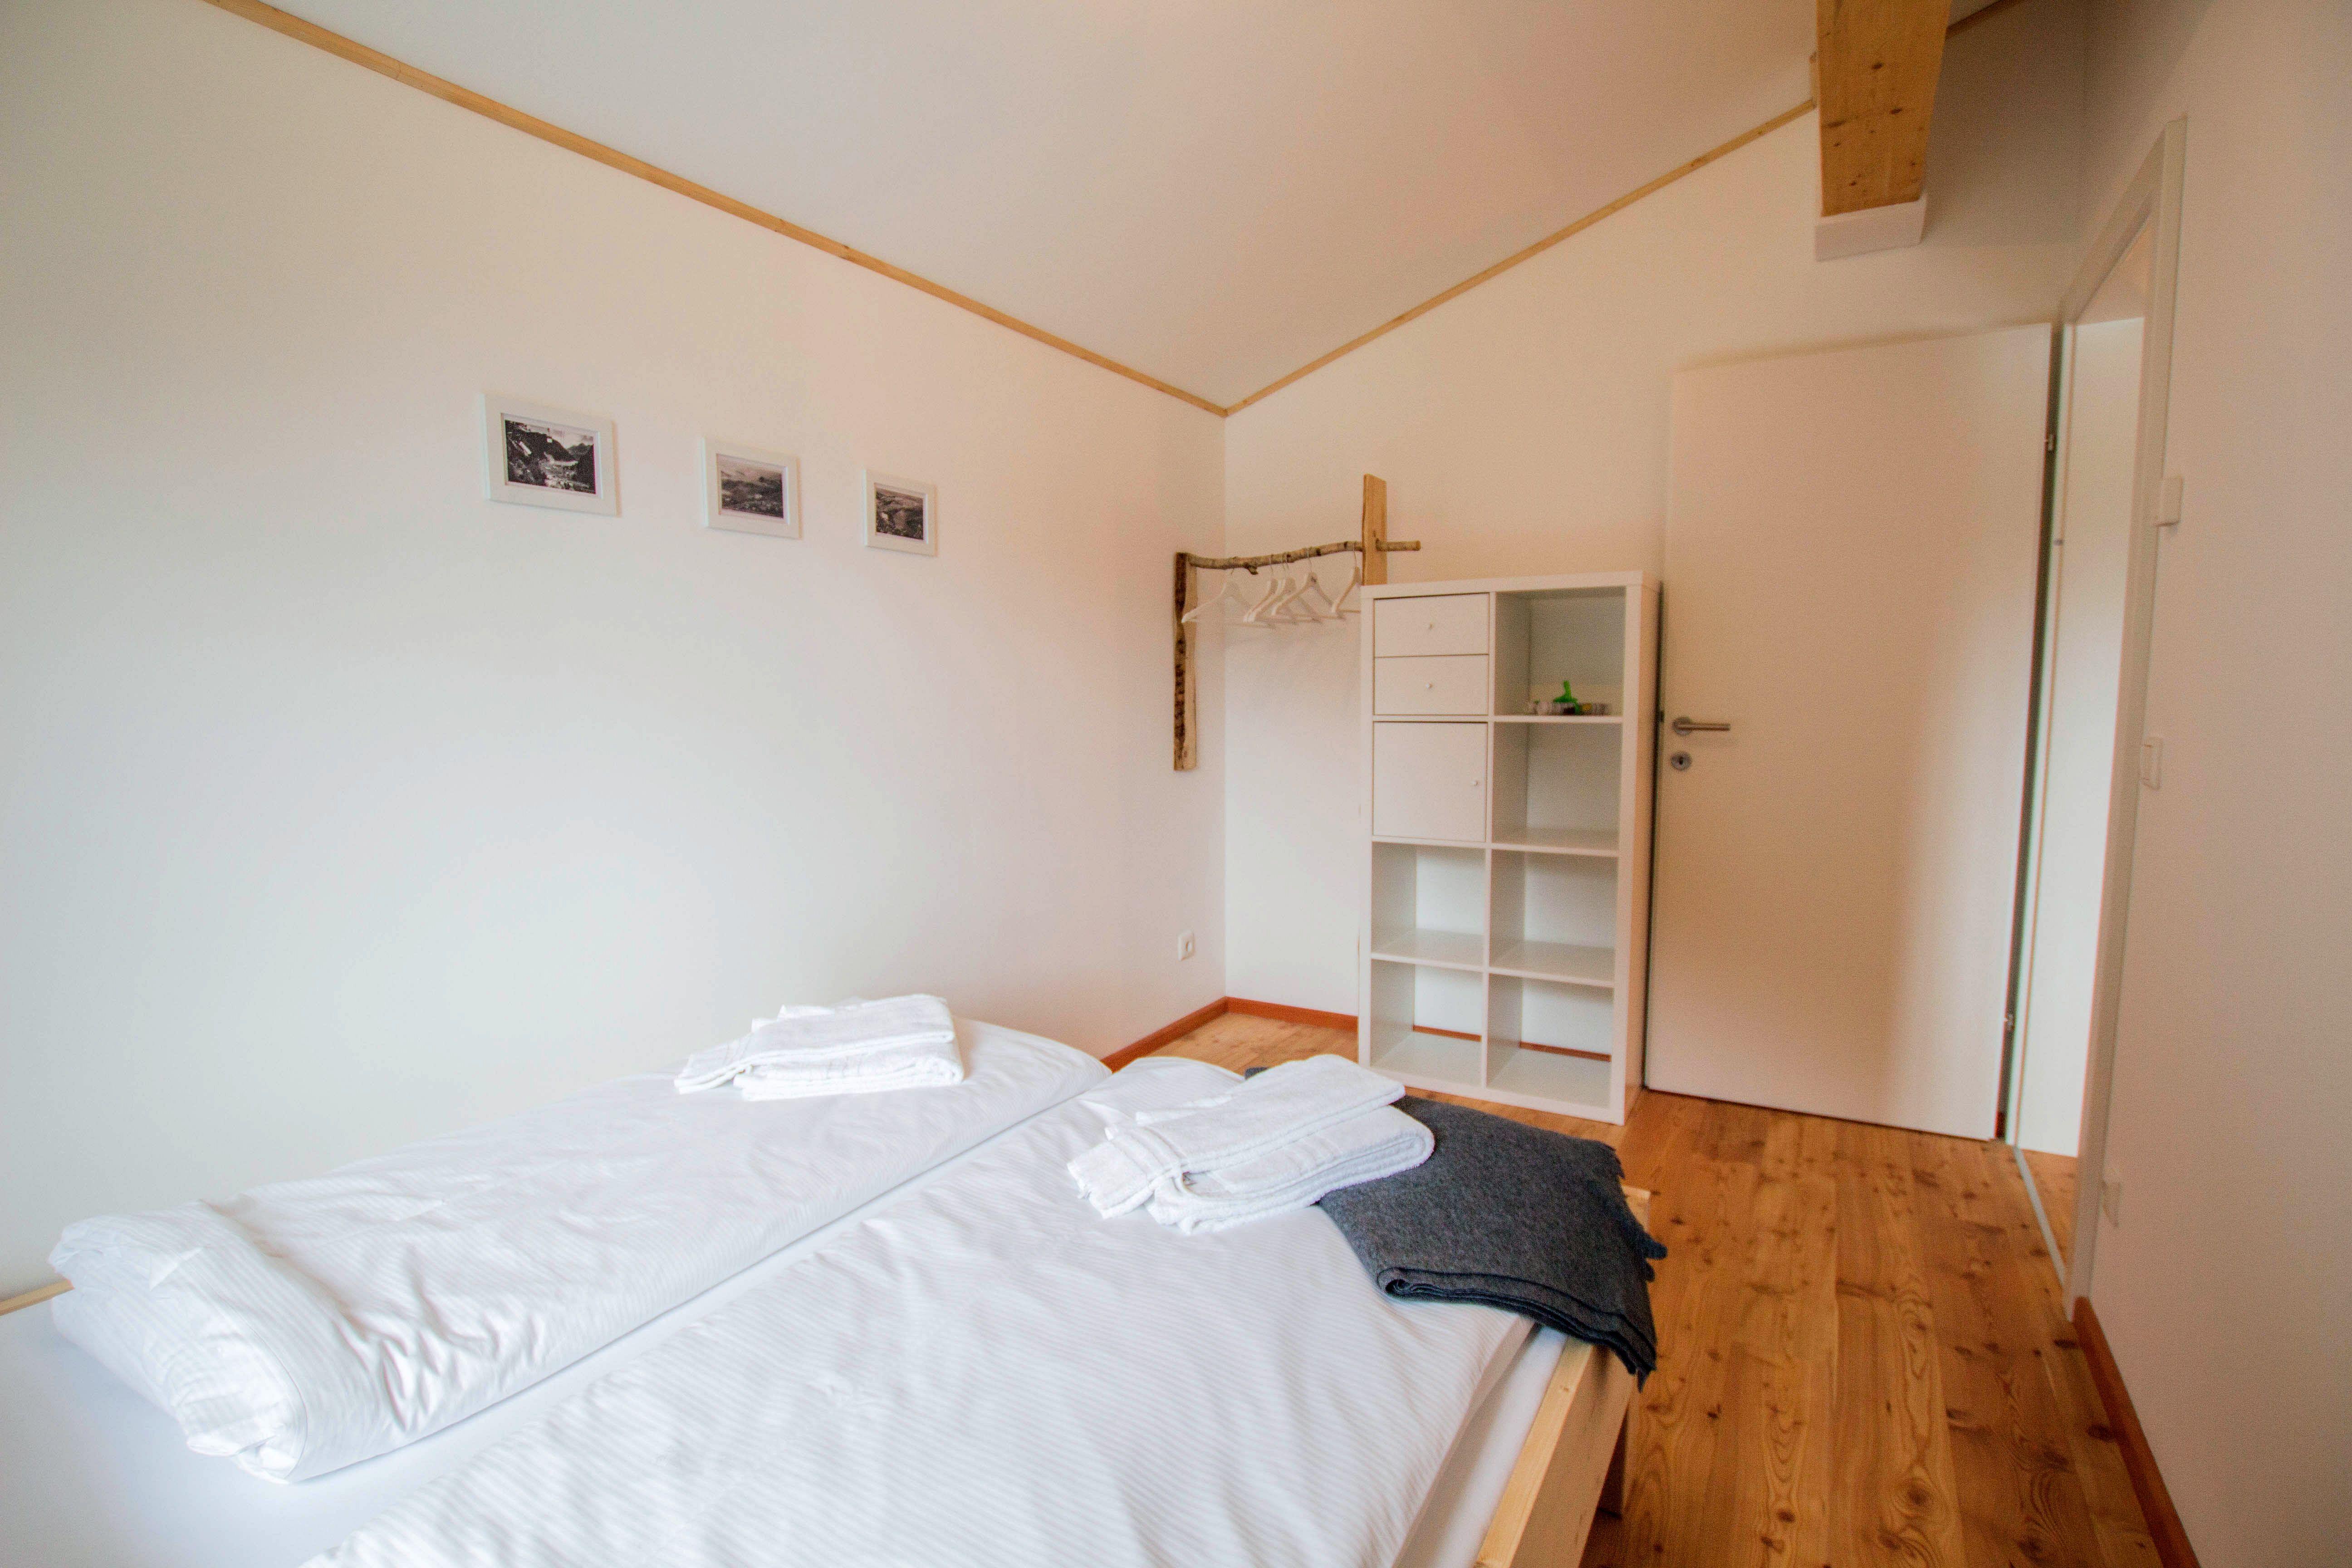 Maison de vacances Lodge Wildrose, direkt am Skilift für 6-8 (2050392), Uttendorf, Pinzgau, Salzbourg, Autriche, image 21